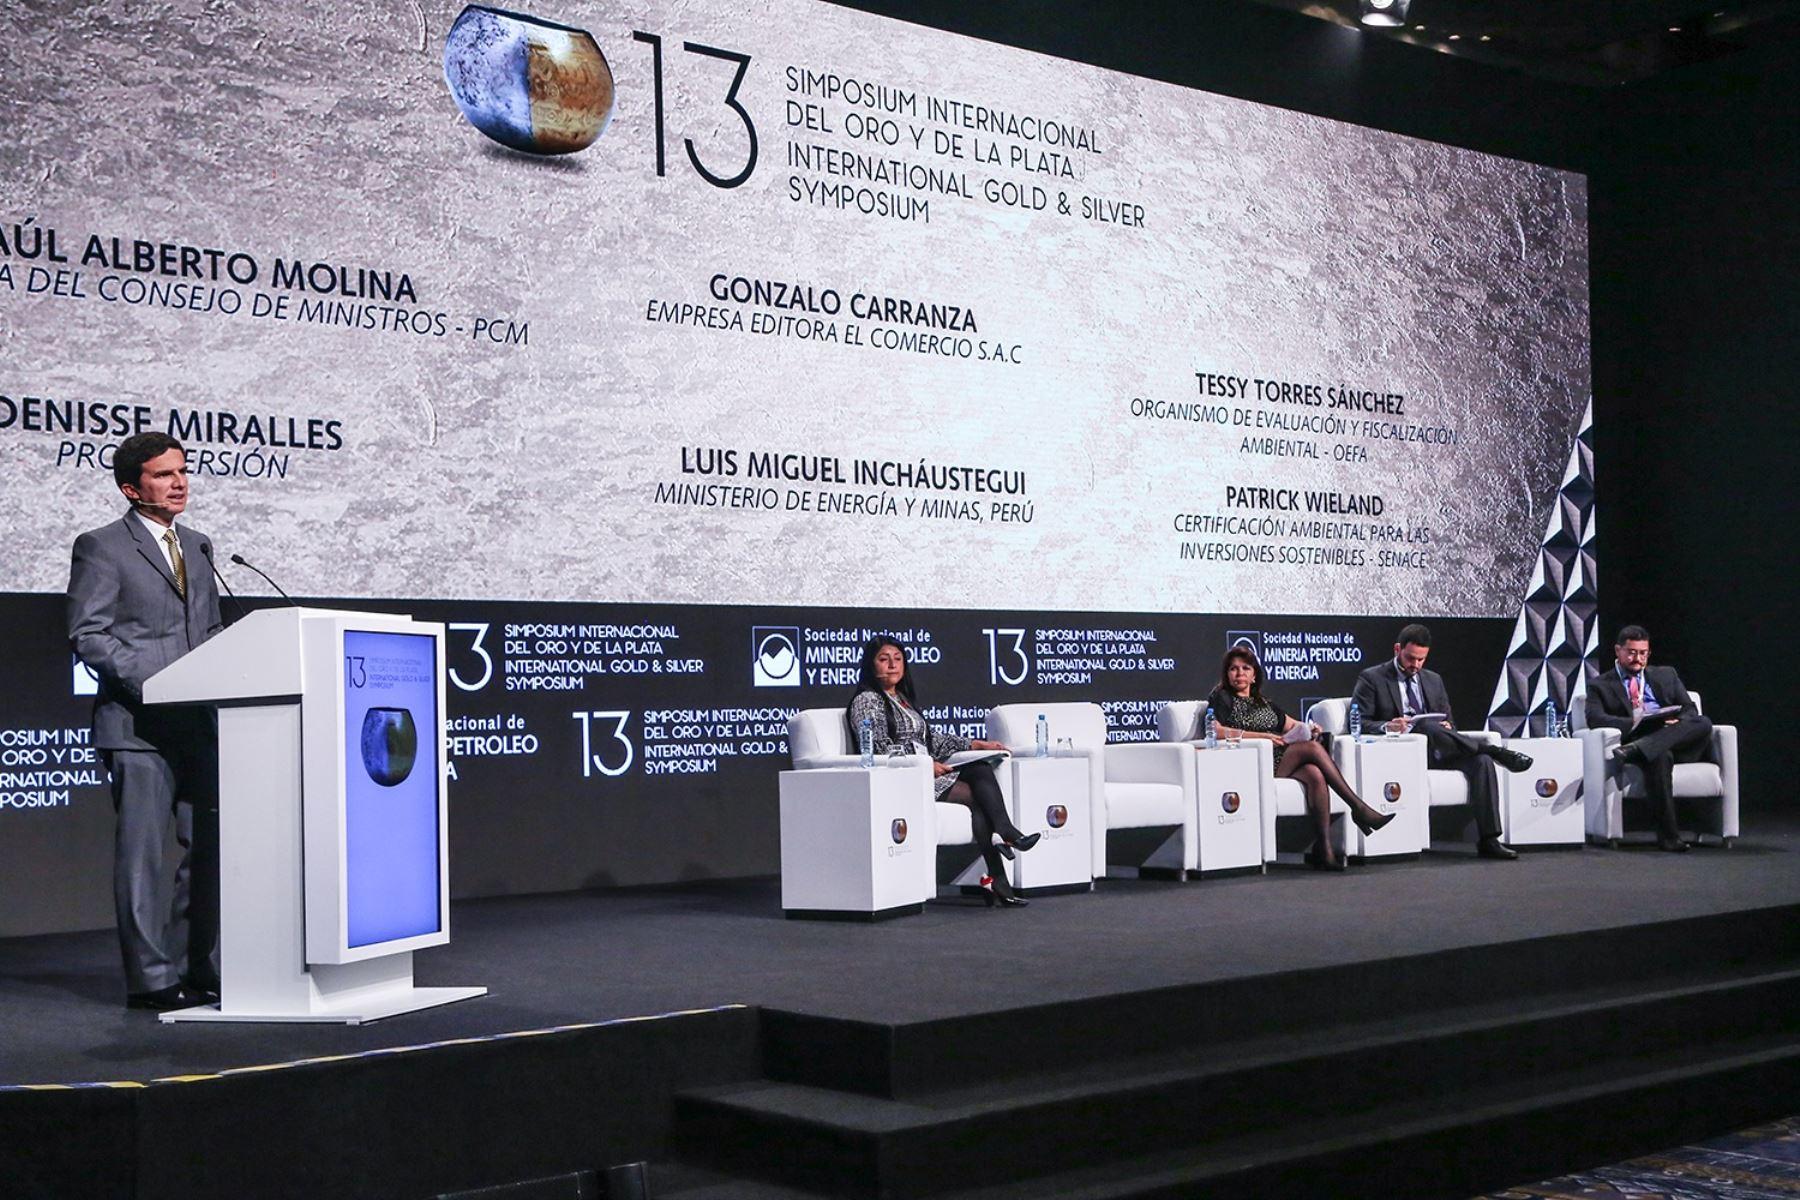 Viceministro de Minas, Luis Miguel Incháustegui, expone en 13 Simposium del Oro y la Plata. Foto: Cortesía.